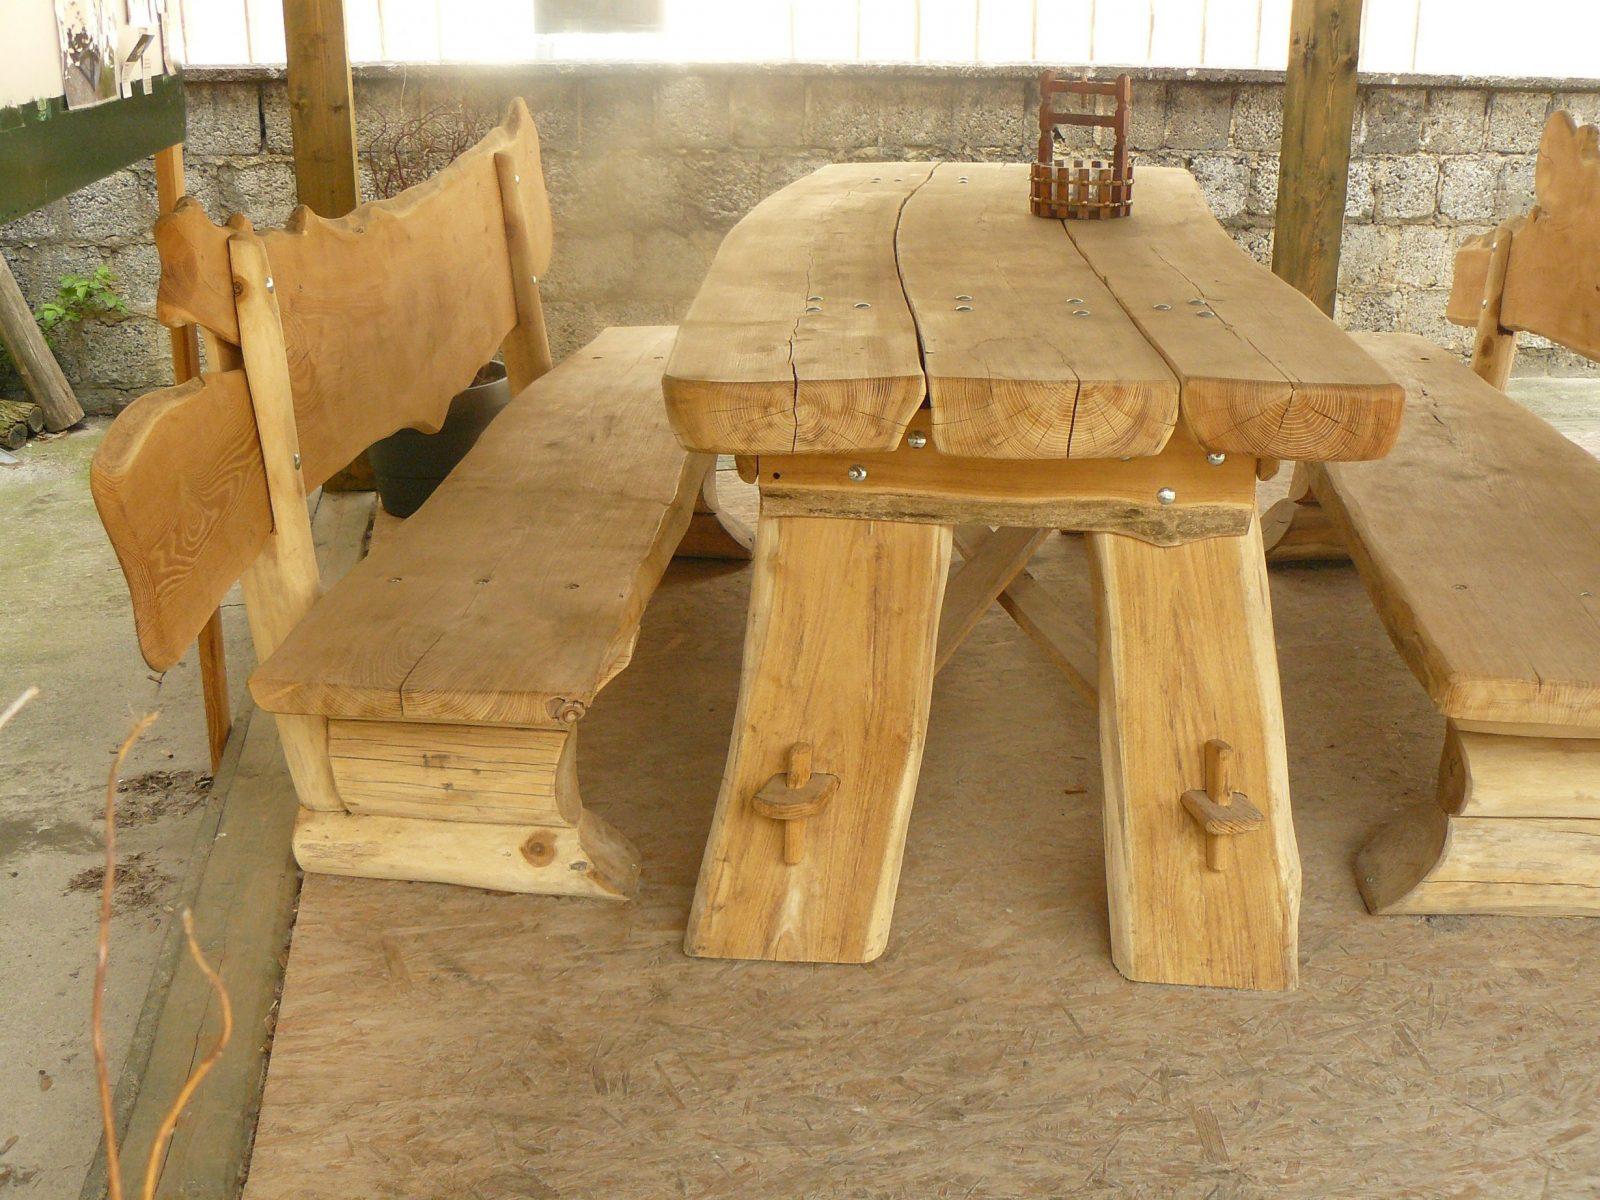 Rustikale Gartenmobel Aus Holz Unglaublich Rustikale Gartenmöbel Aus von Rustikale Gartenmöbel Aus Polen Bild